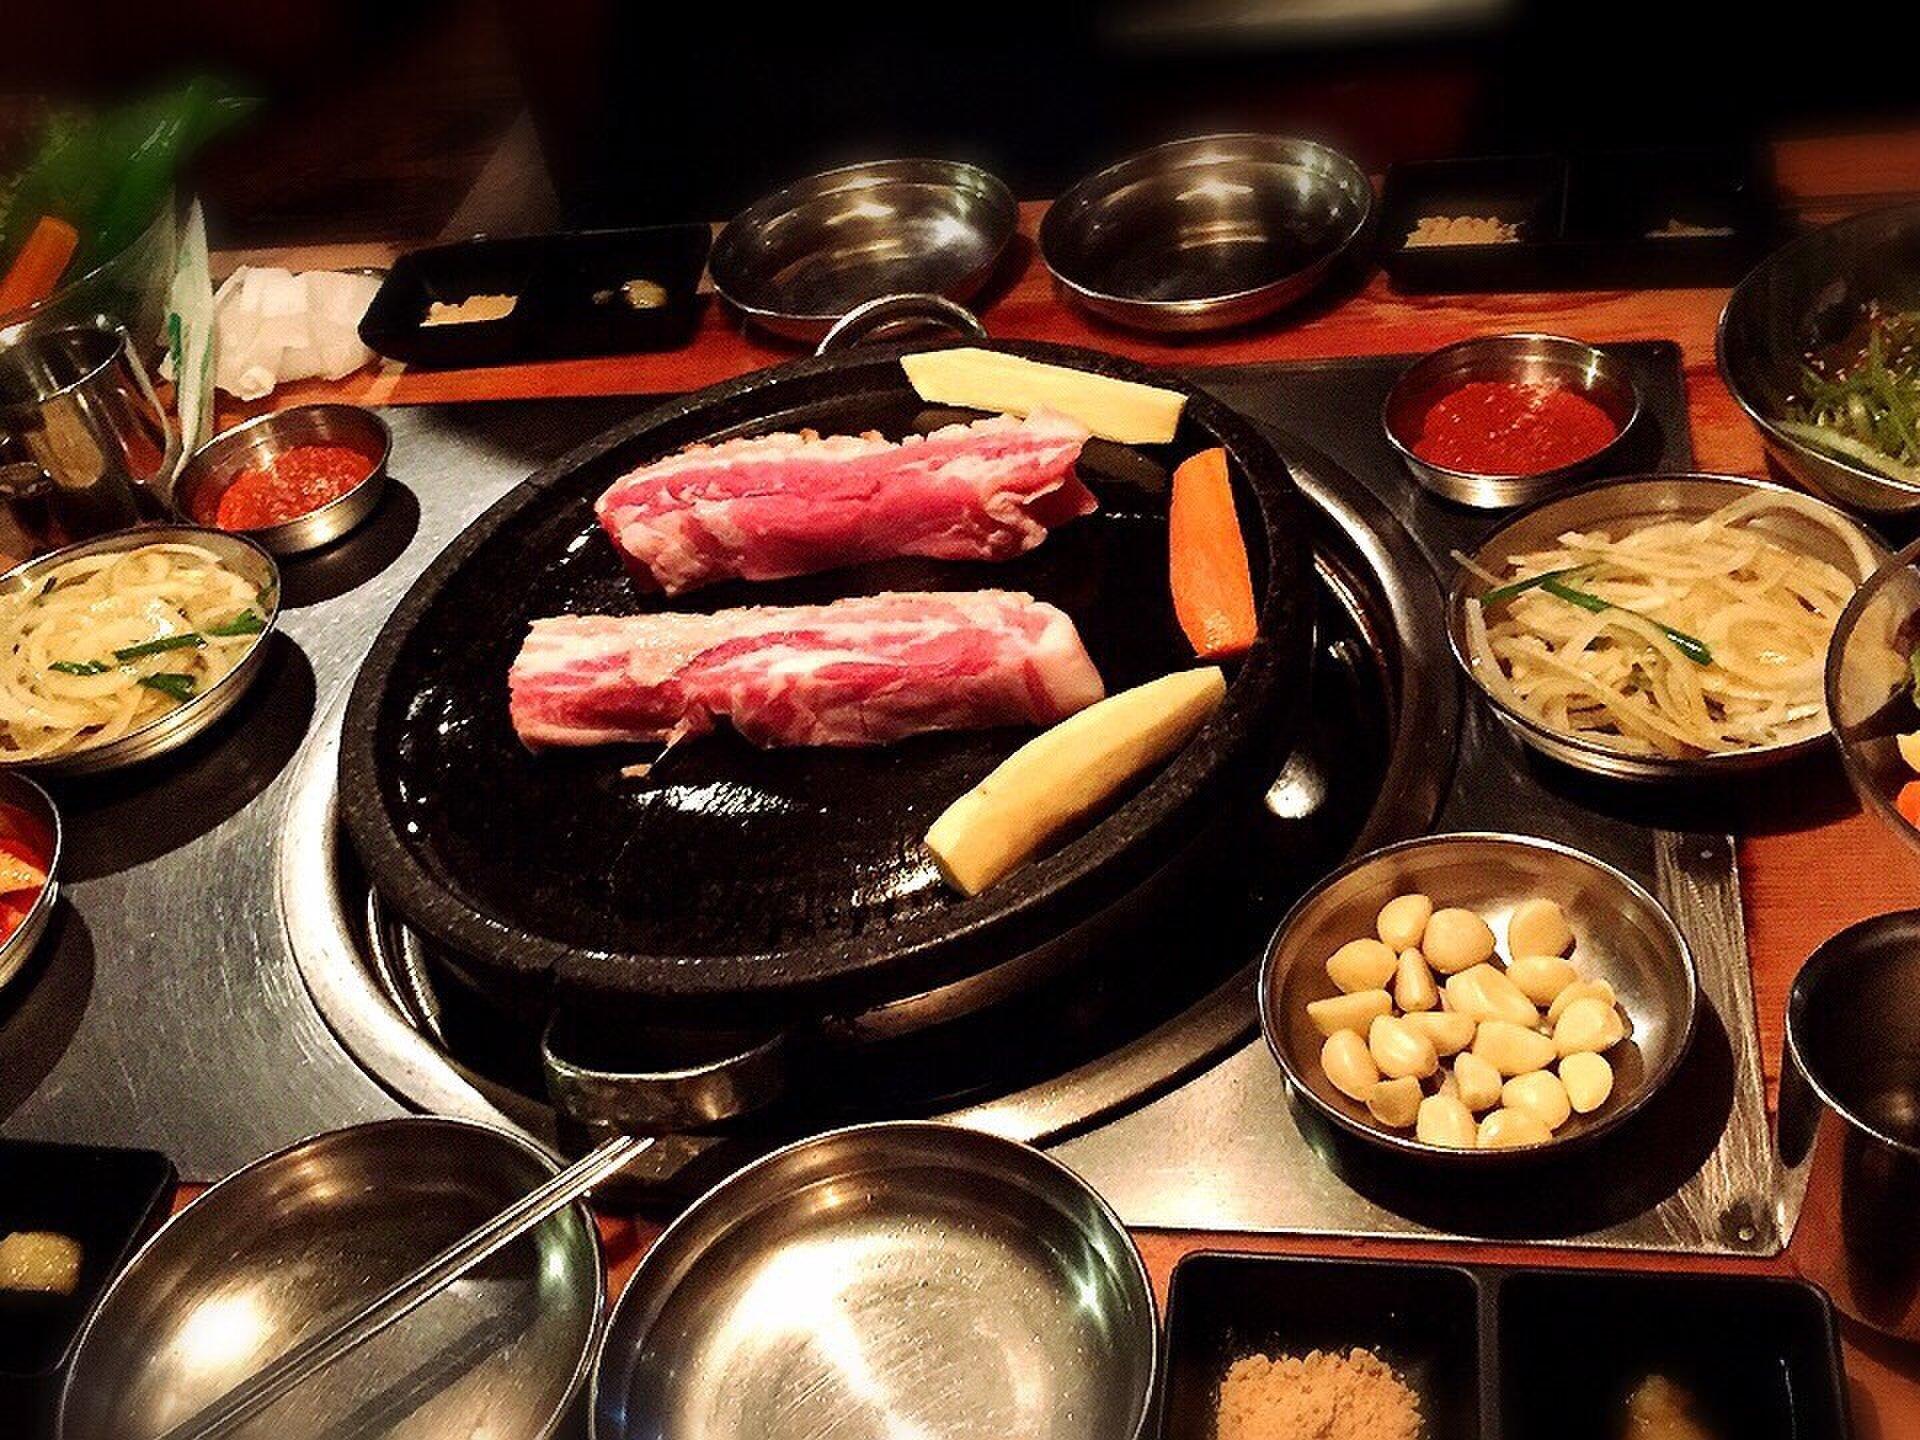 【韓国旅行必食グルメランキング】分厚すぎるサムギョプサルや蜂の巣ソフトなど絶品すぎるんだっ!